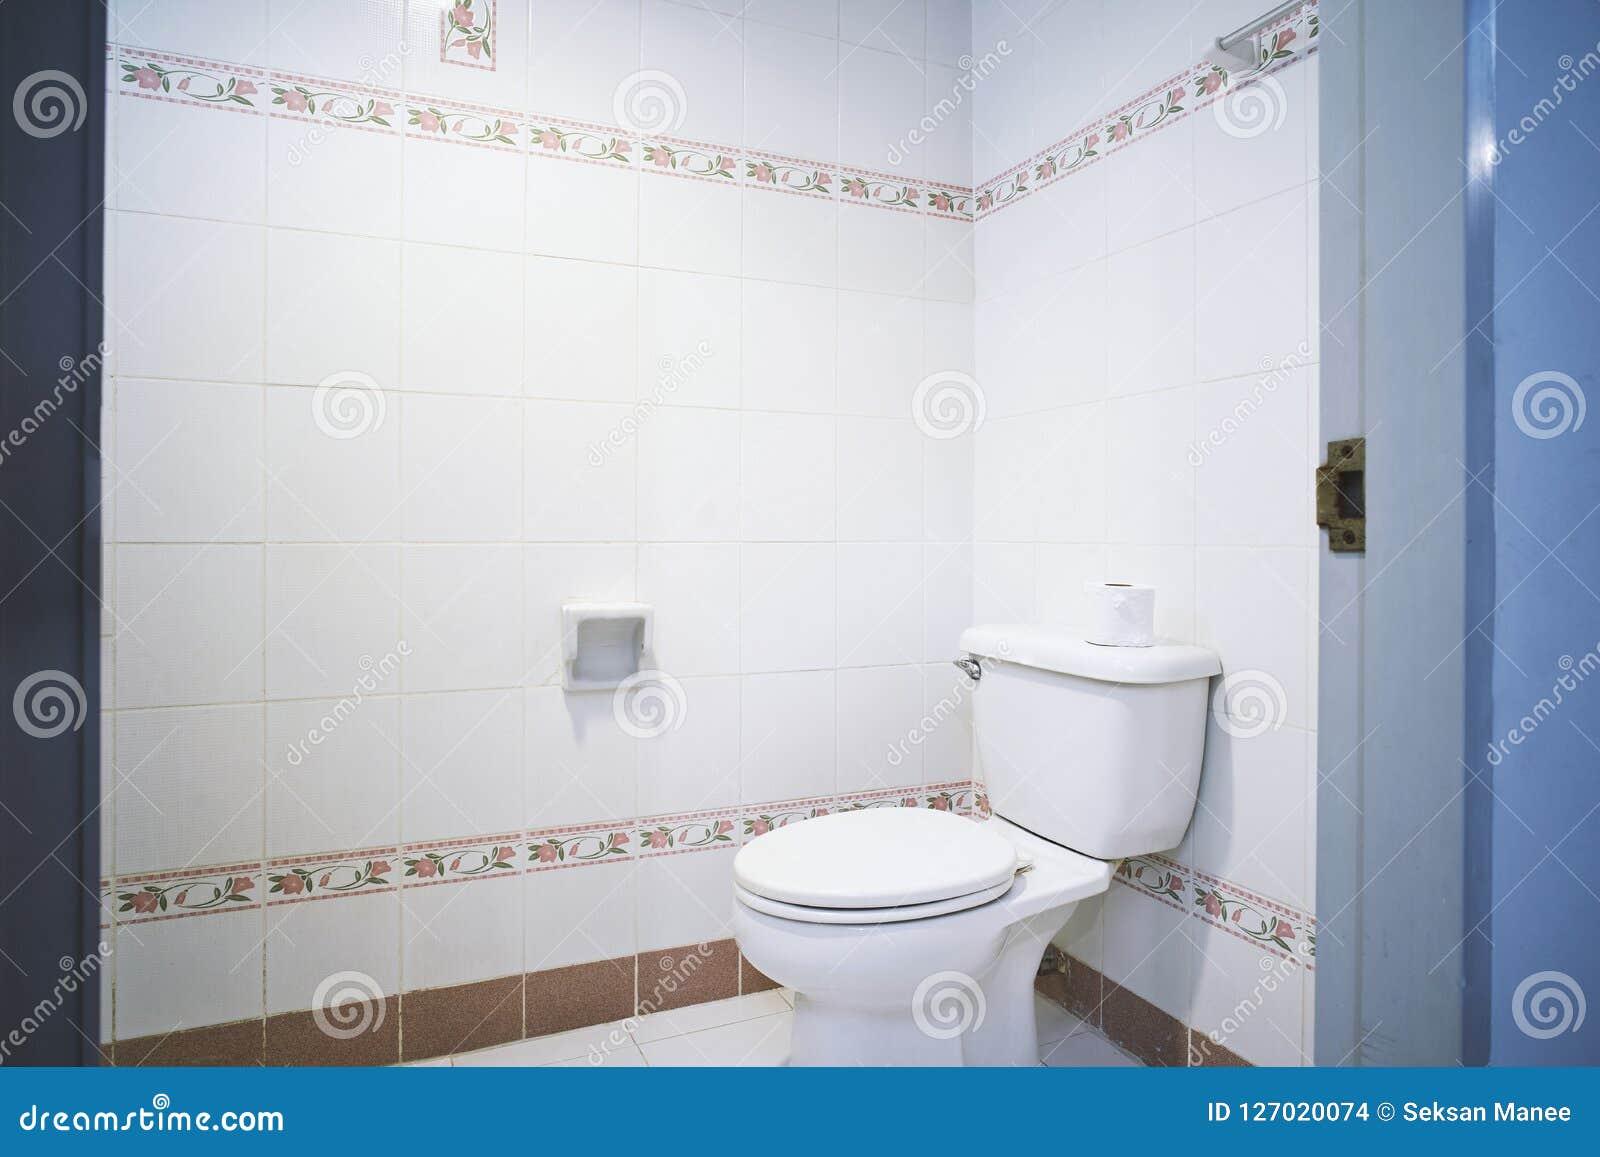 Vieille Generique Piece De Toilettes De Toilette D Appartement Ou Toilette De Petit Hotel Avec Le Modele Simple De Tuile Photo Stock Image Du Piece Vieille 127020074